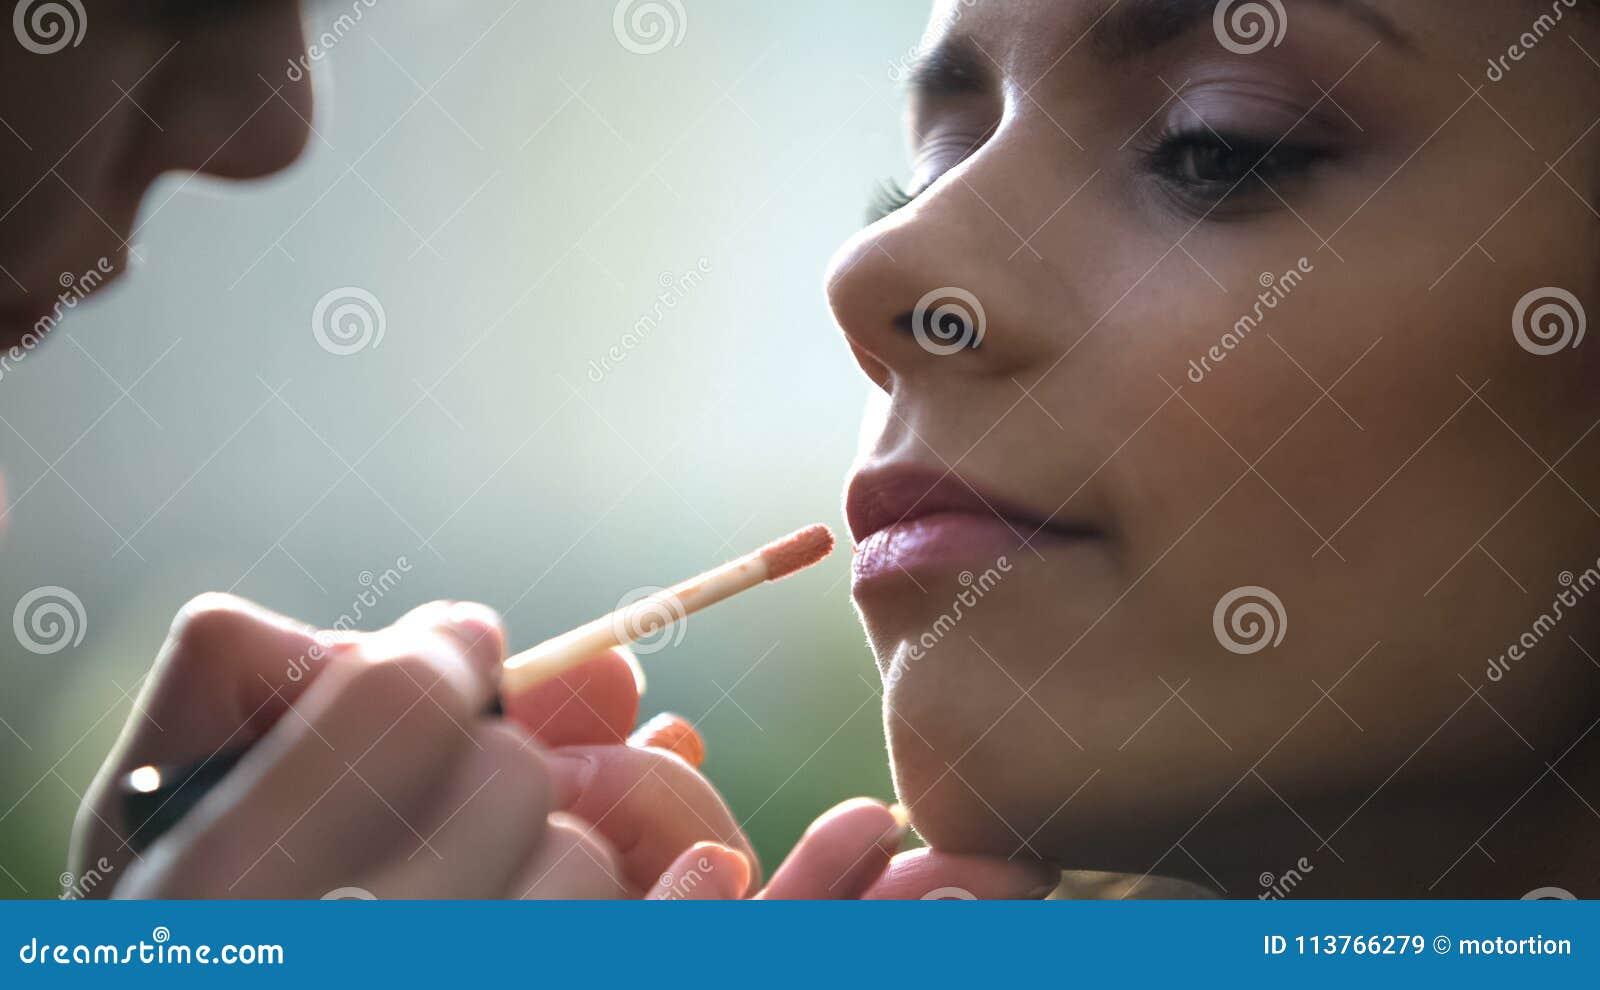 申请嘴唇光泽的化妆师的手,美丽的新娘为婚姻做准备